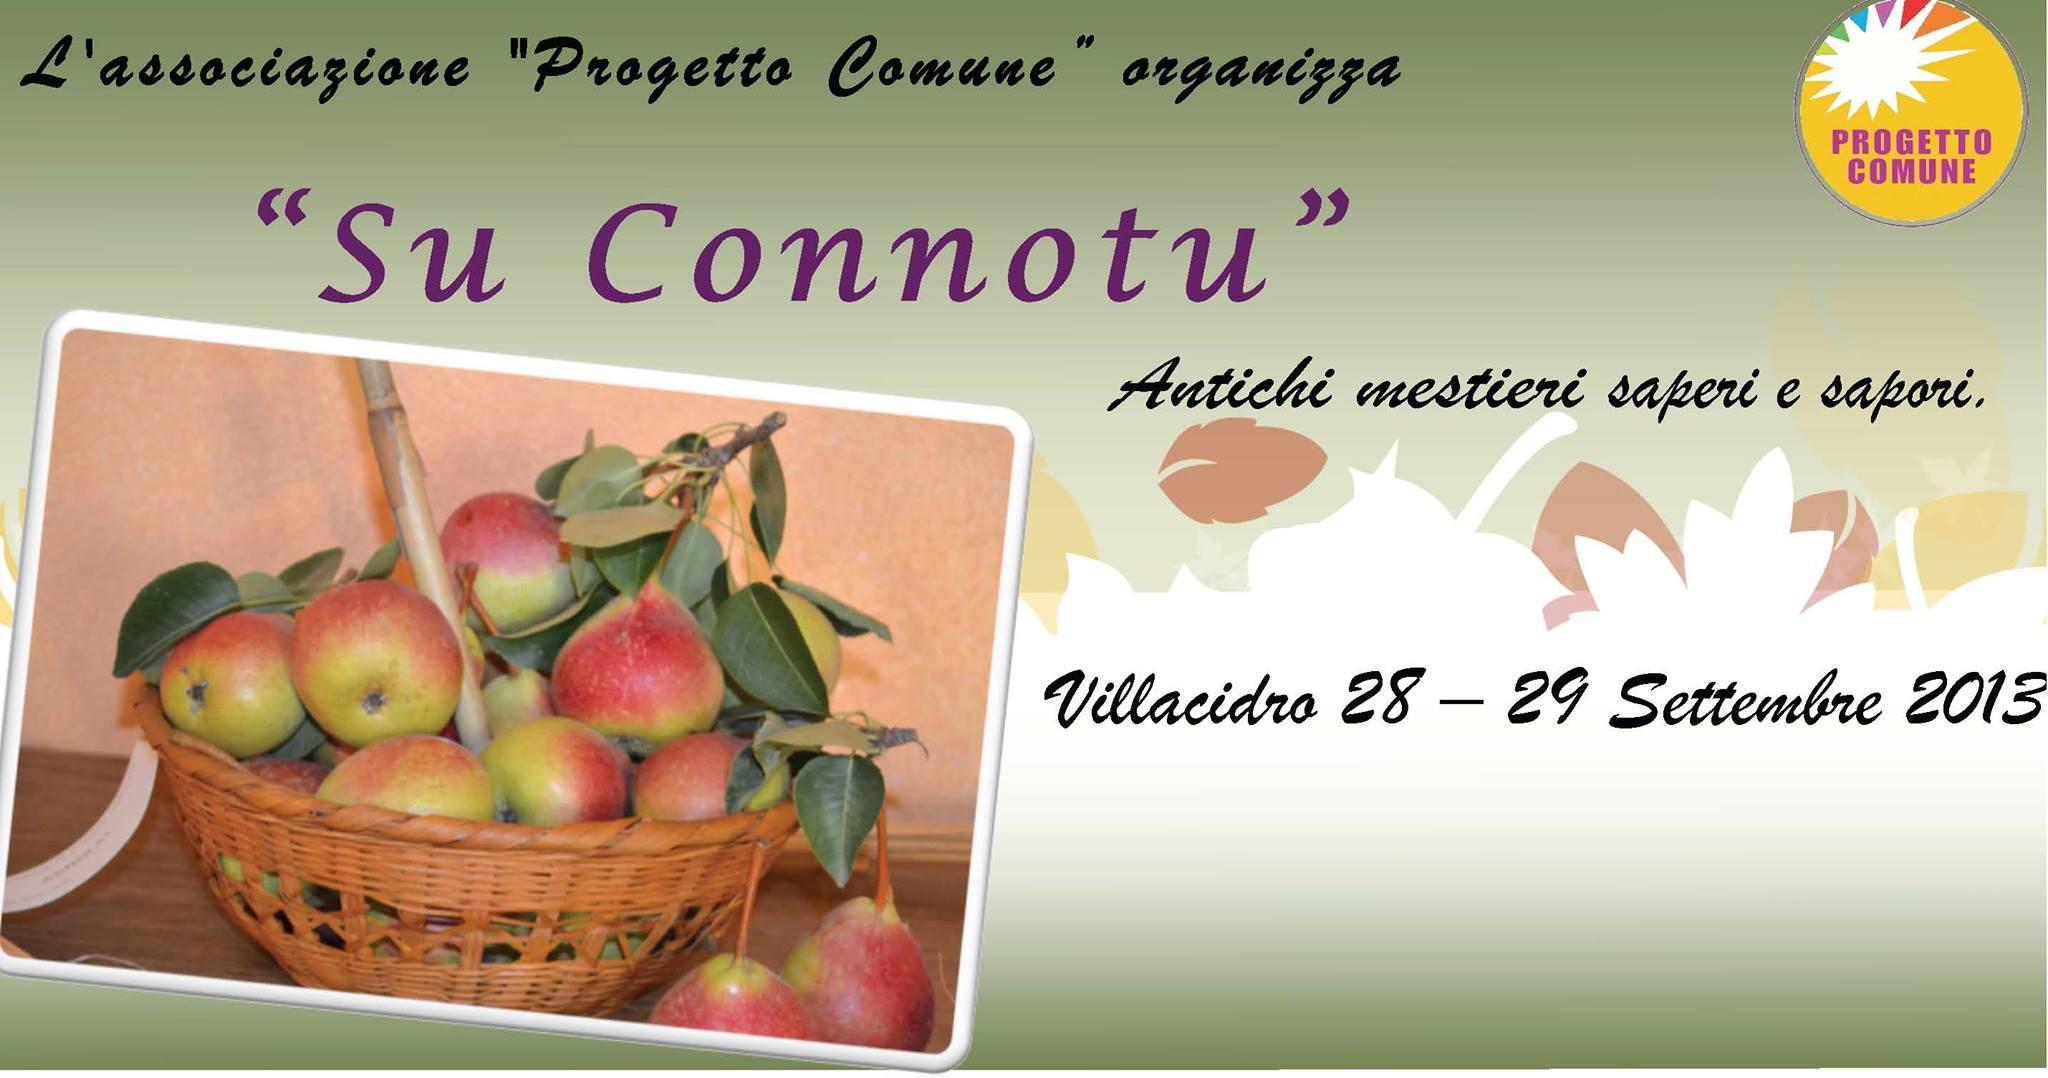 Su Connotu 2013